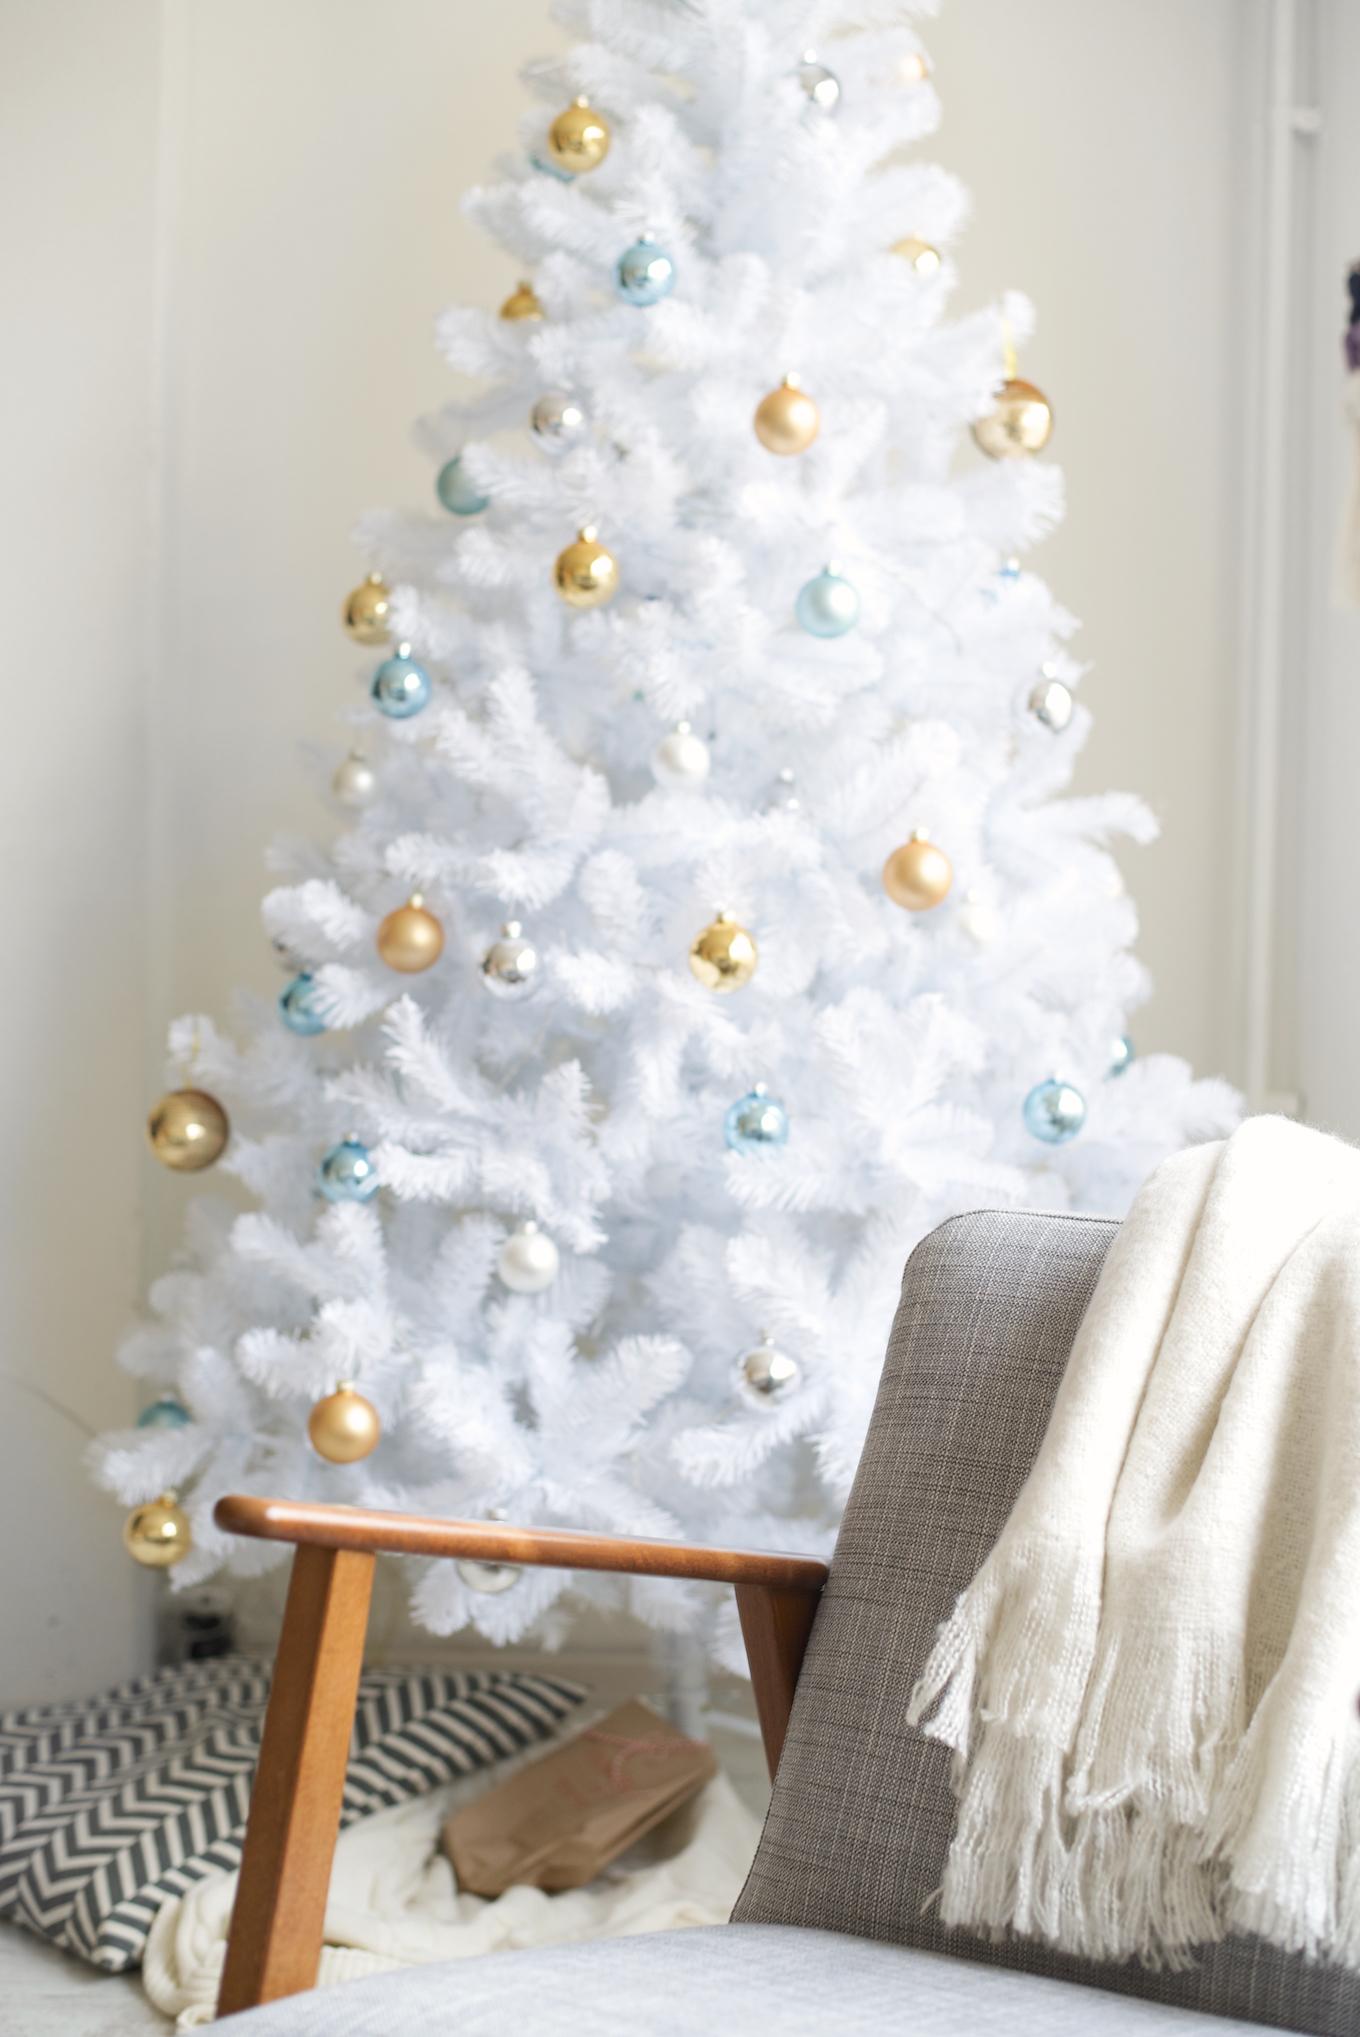 Mijn kerstboom kerst 2015 (31)